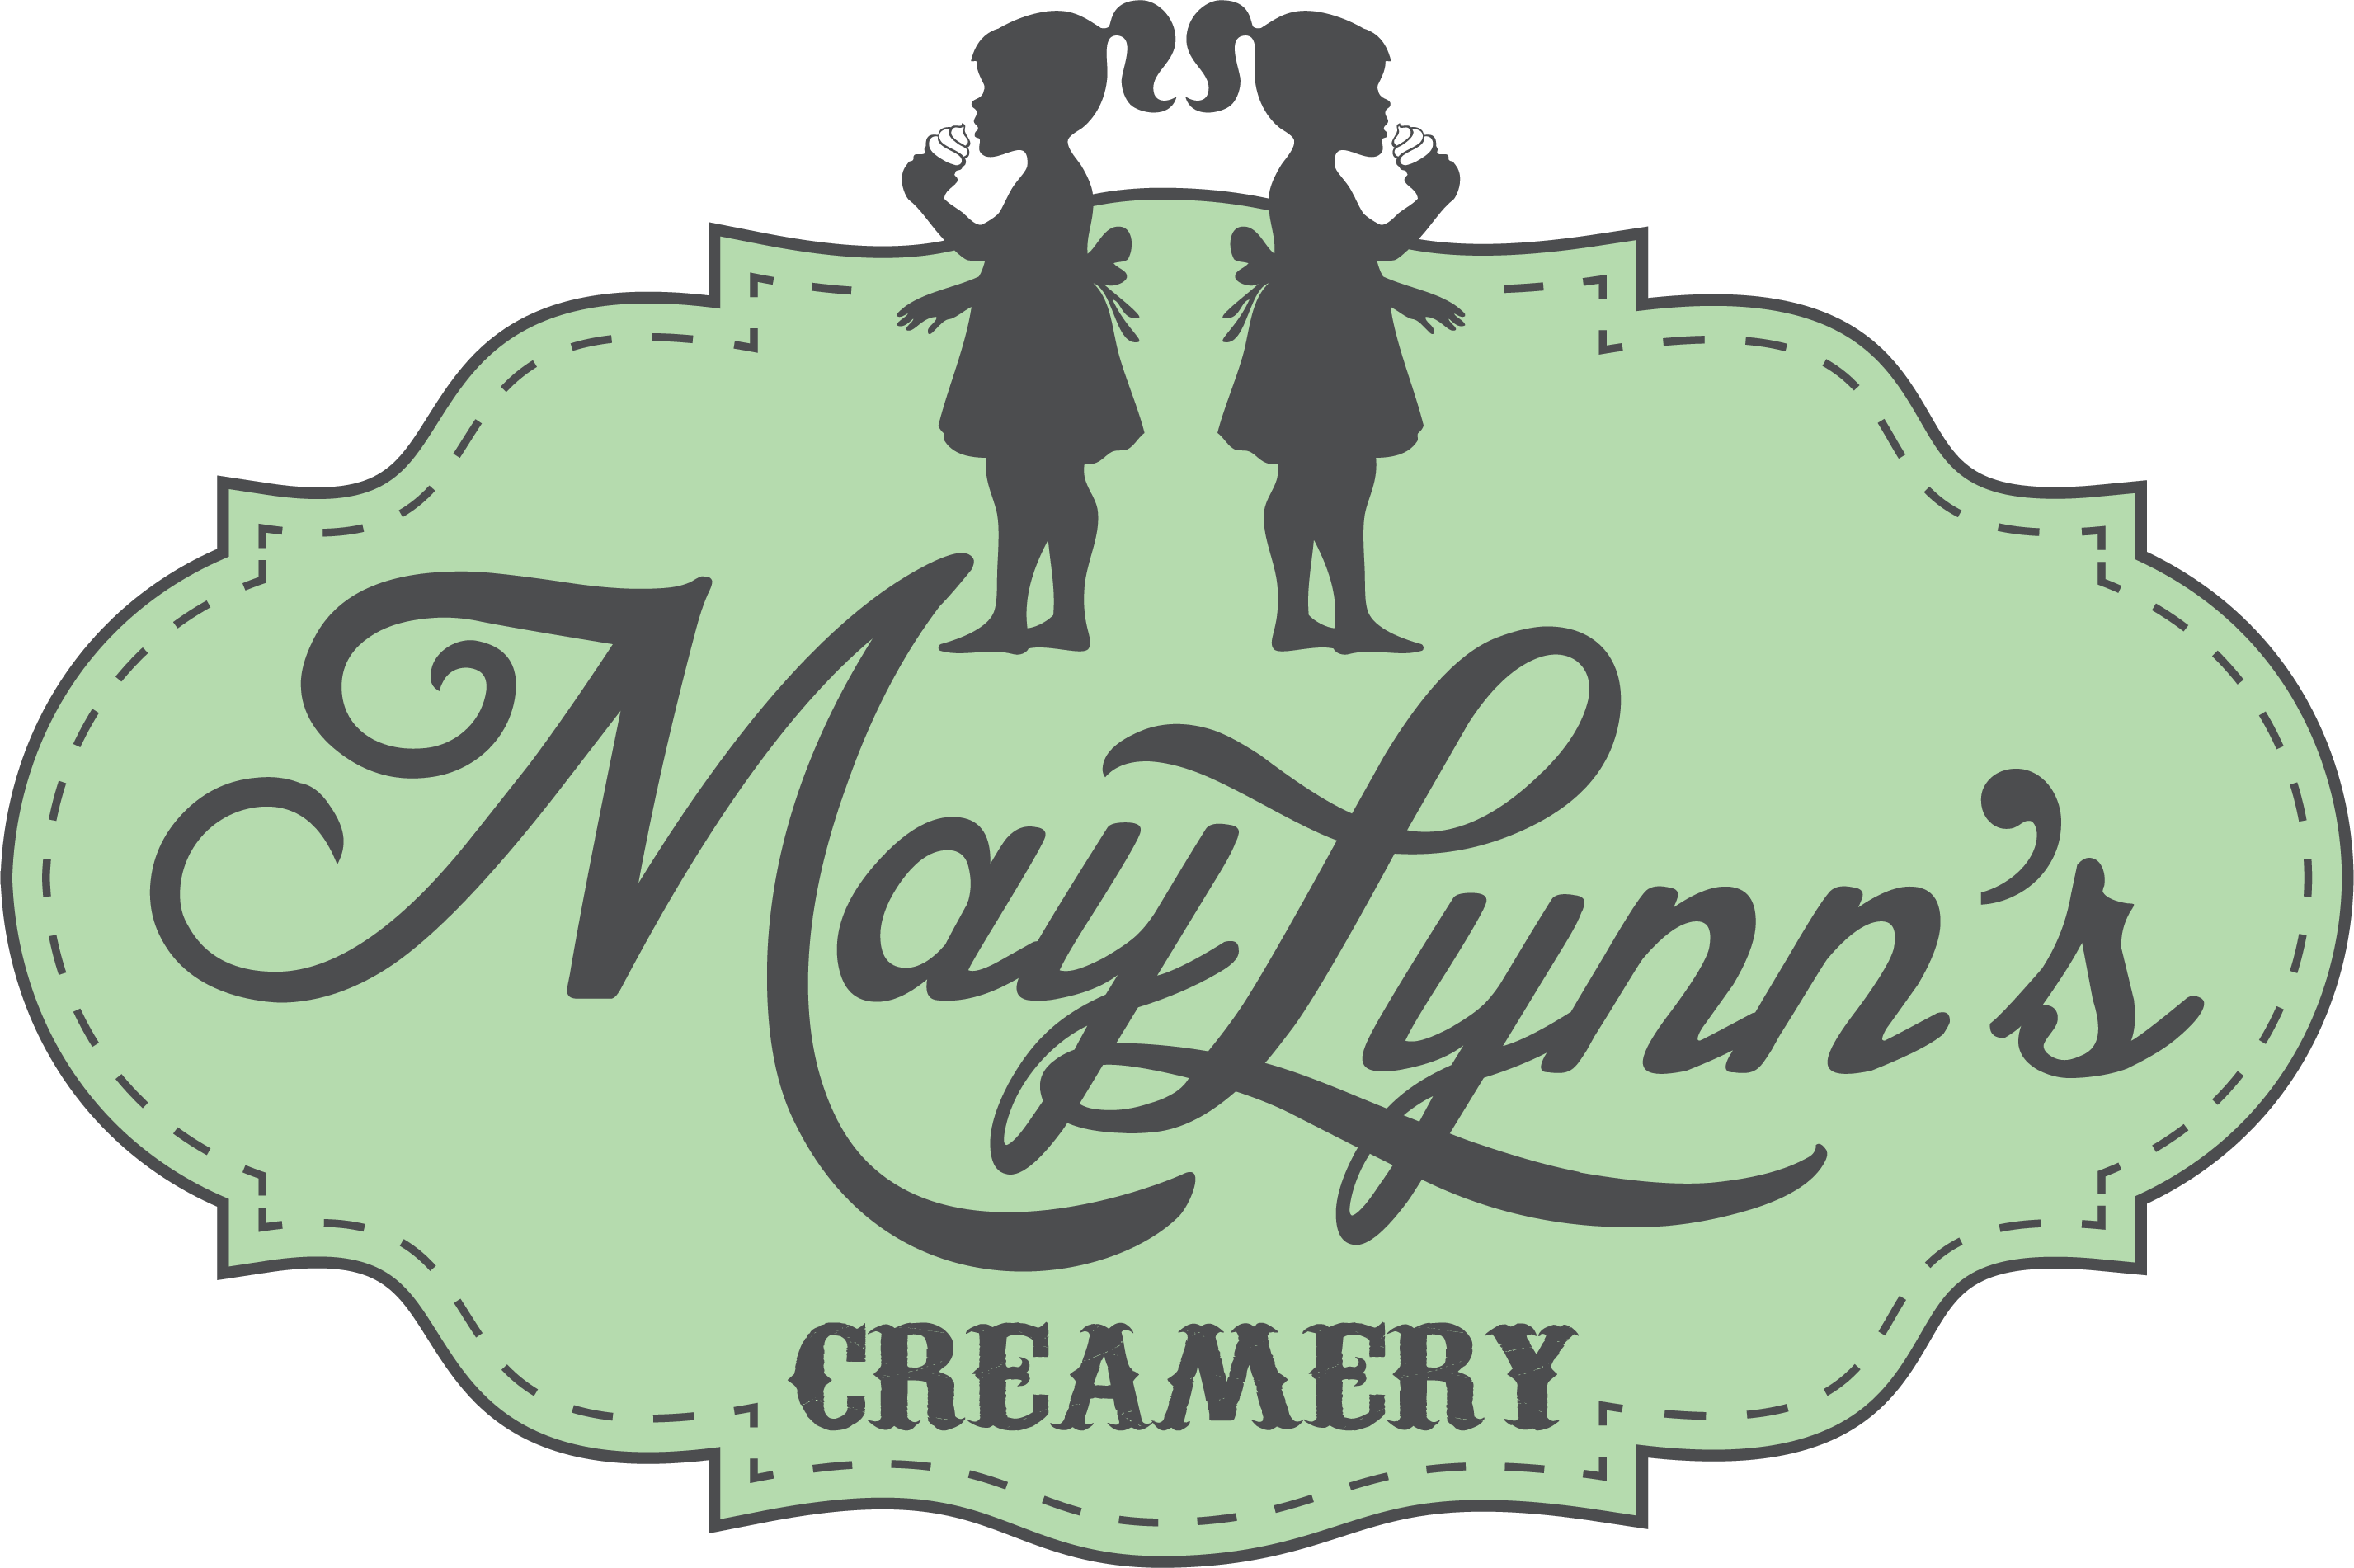 MayLynn's Creamery